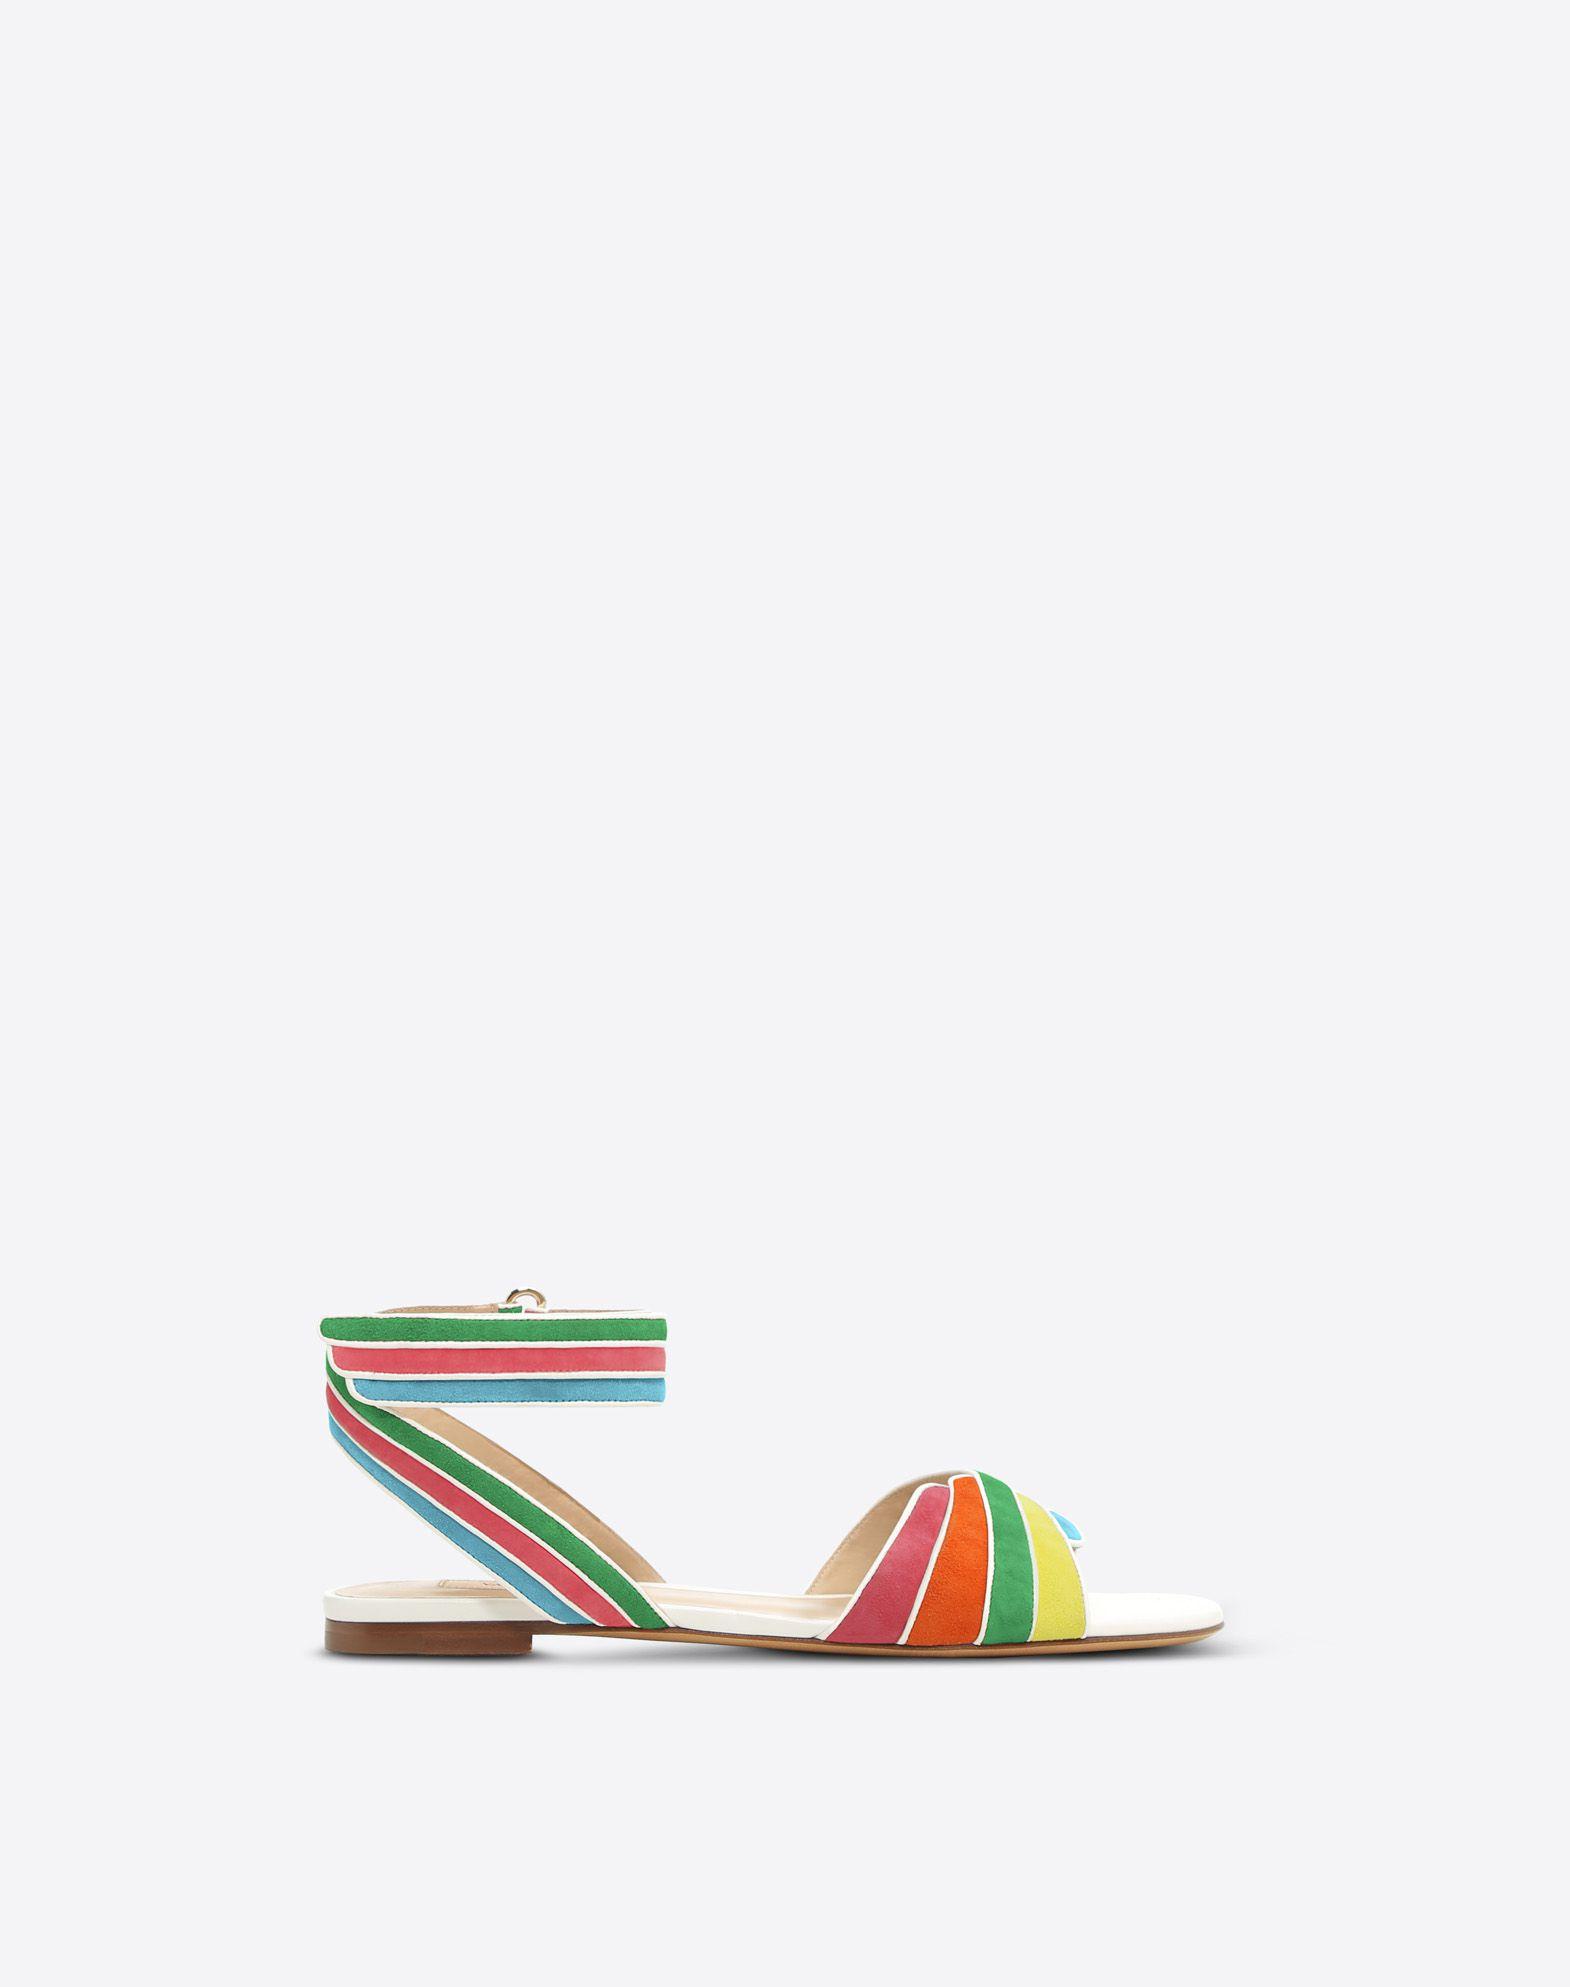 VALENTINO GARAVANI Sandalias multicolores FLAT SANDALS D f